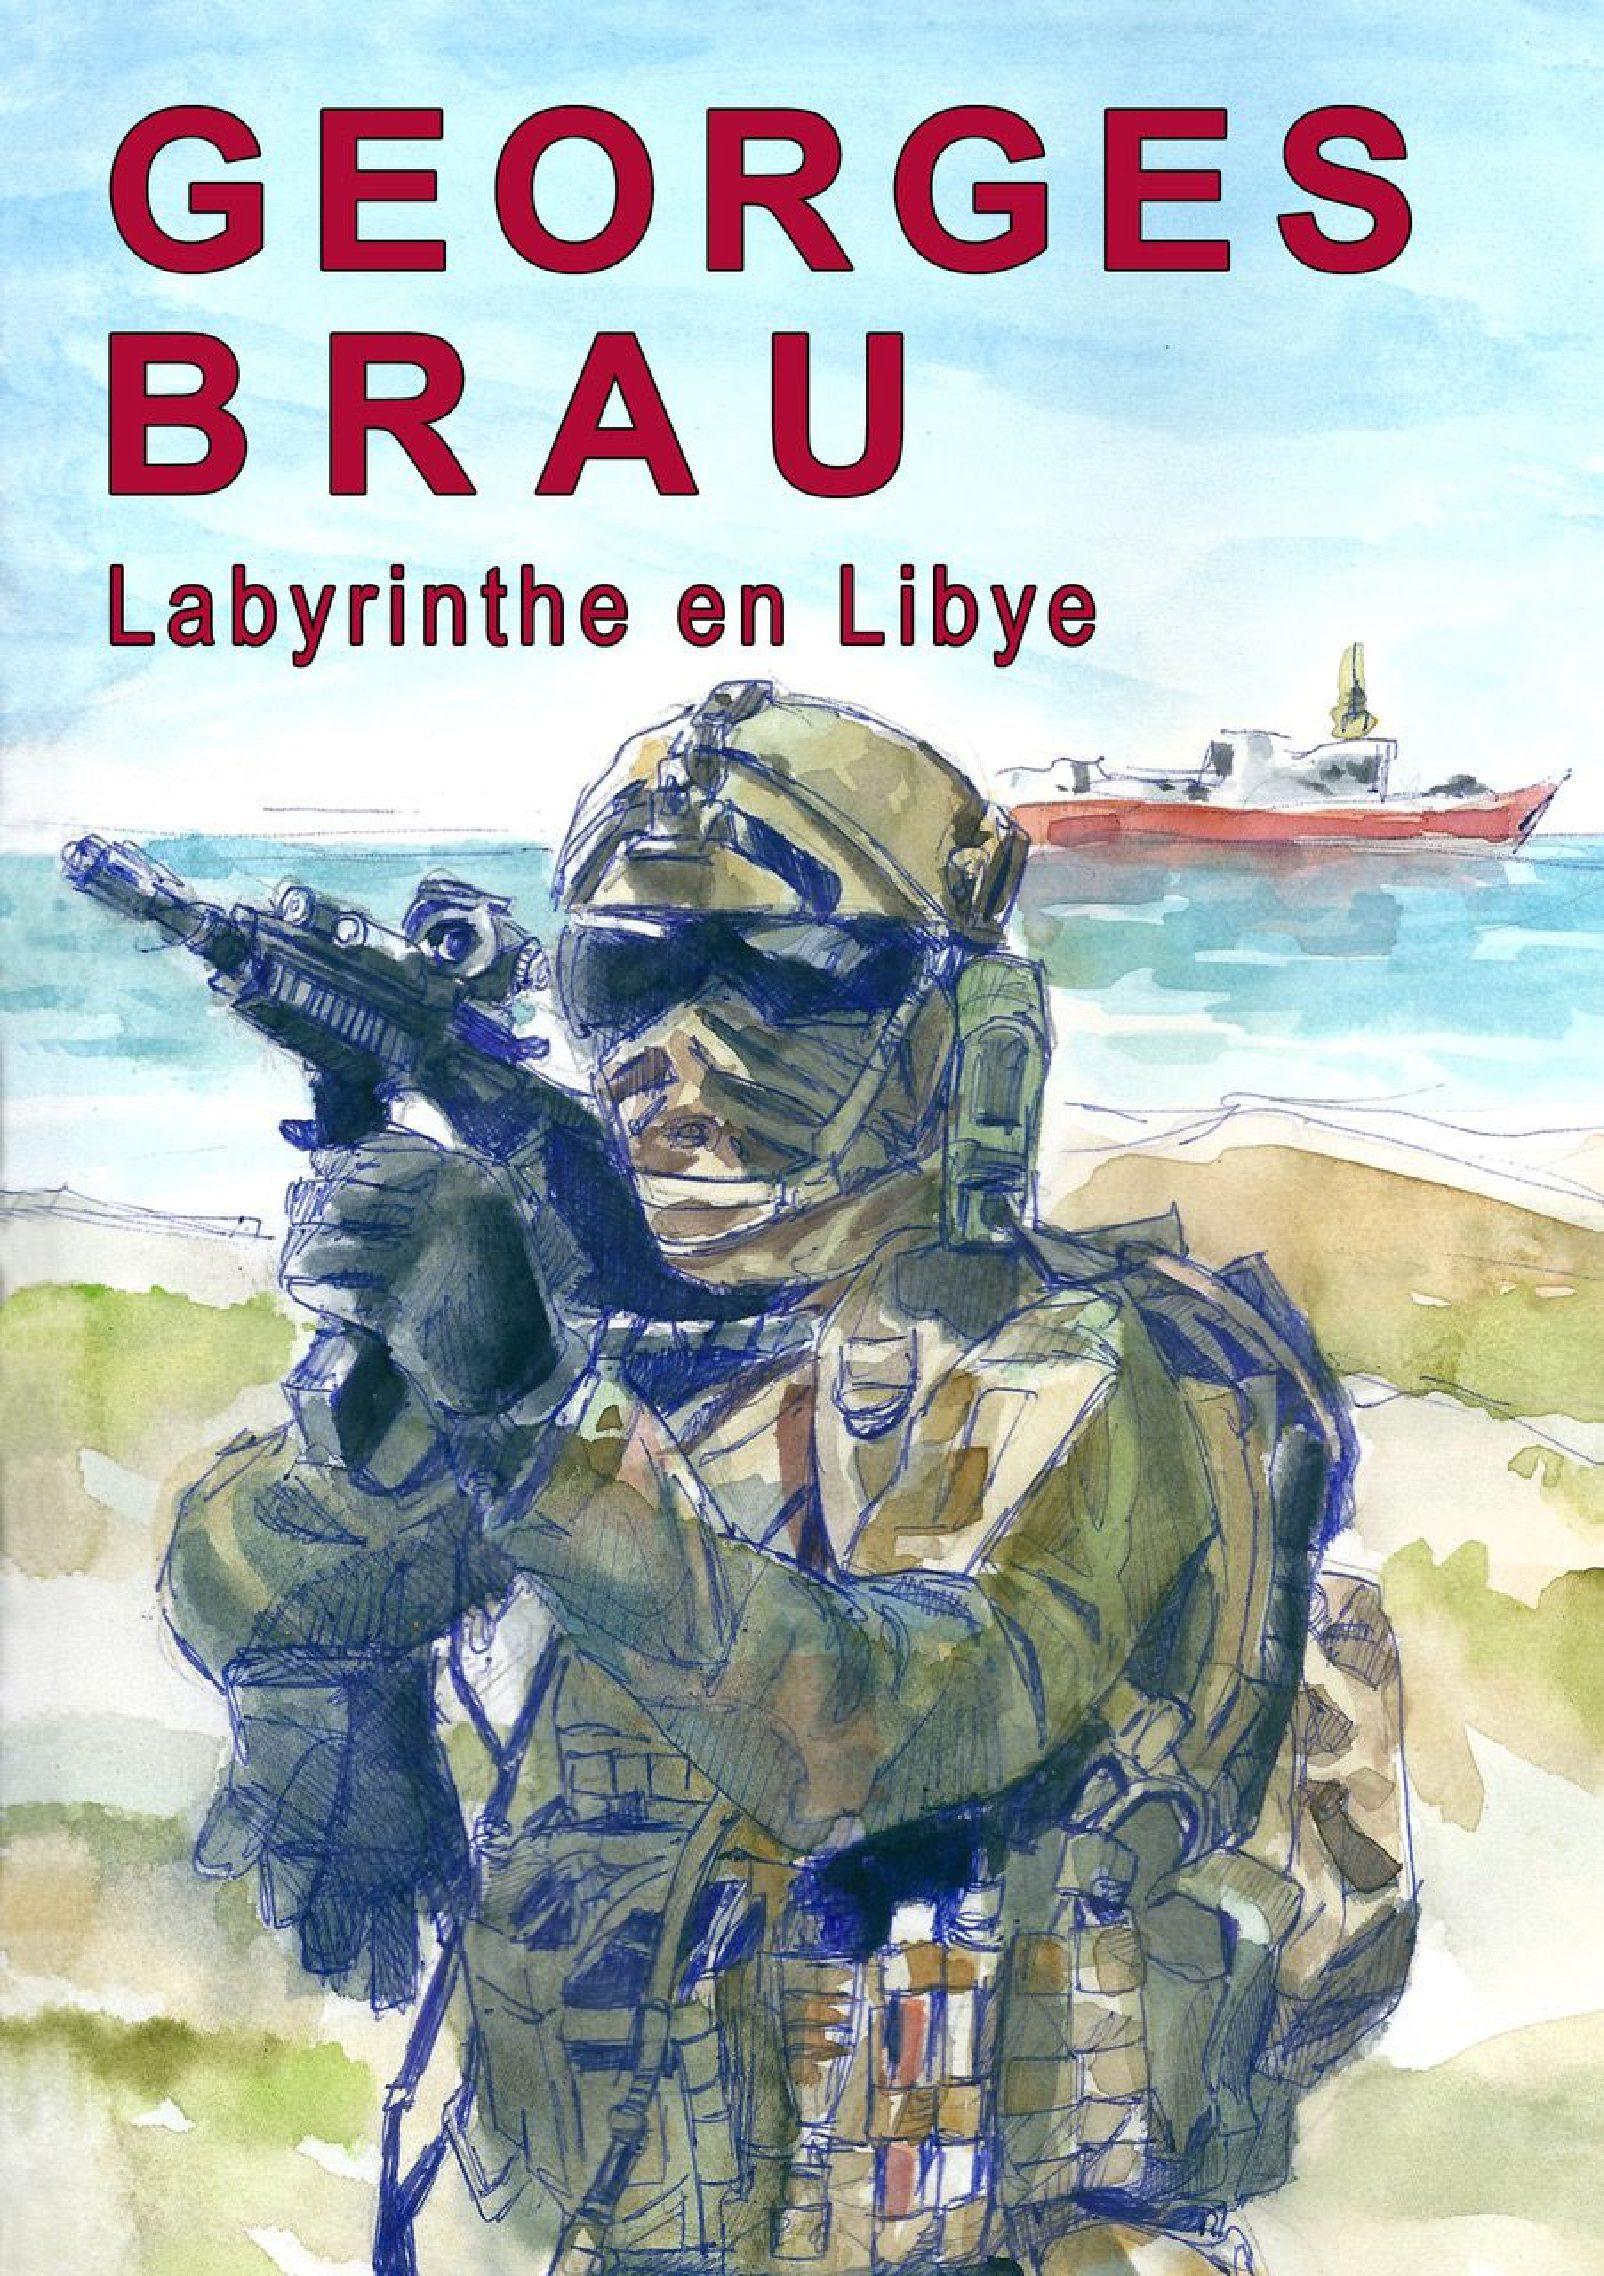 Pour un Noël de lecture ; Labyrinthe en Libye et Uchronie pour guerriers de l'ombre